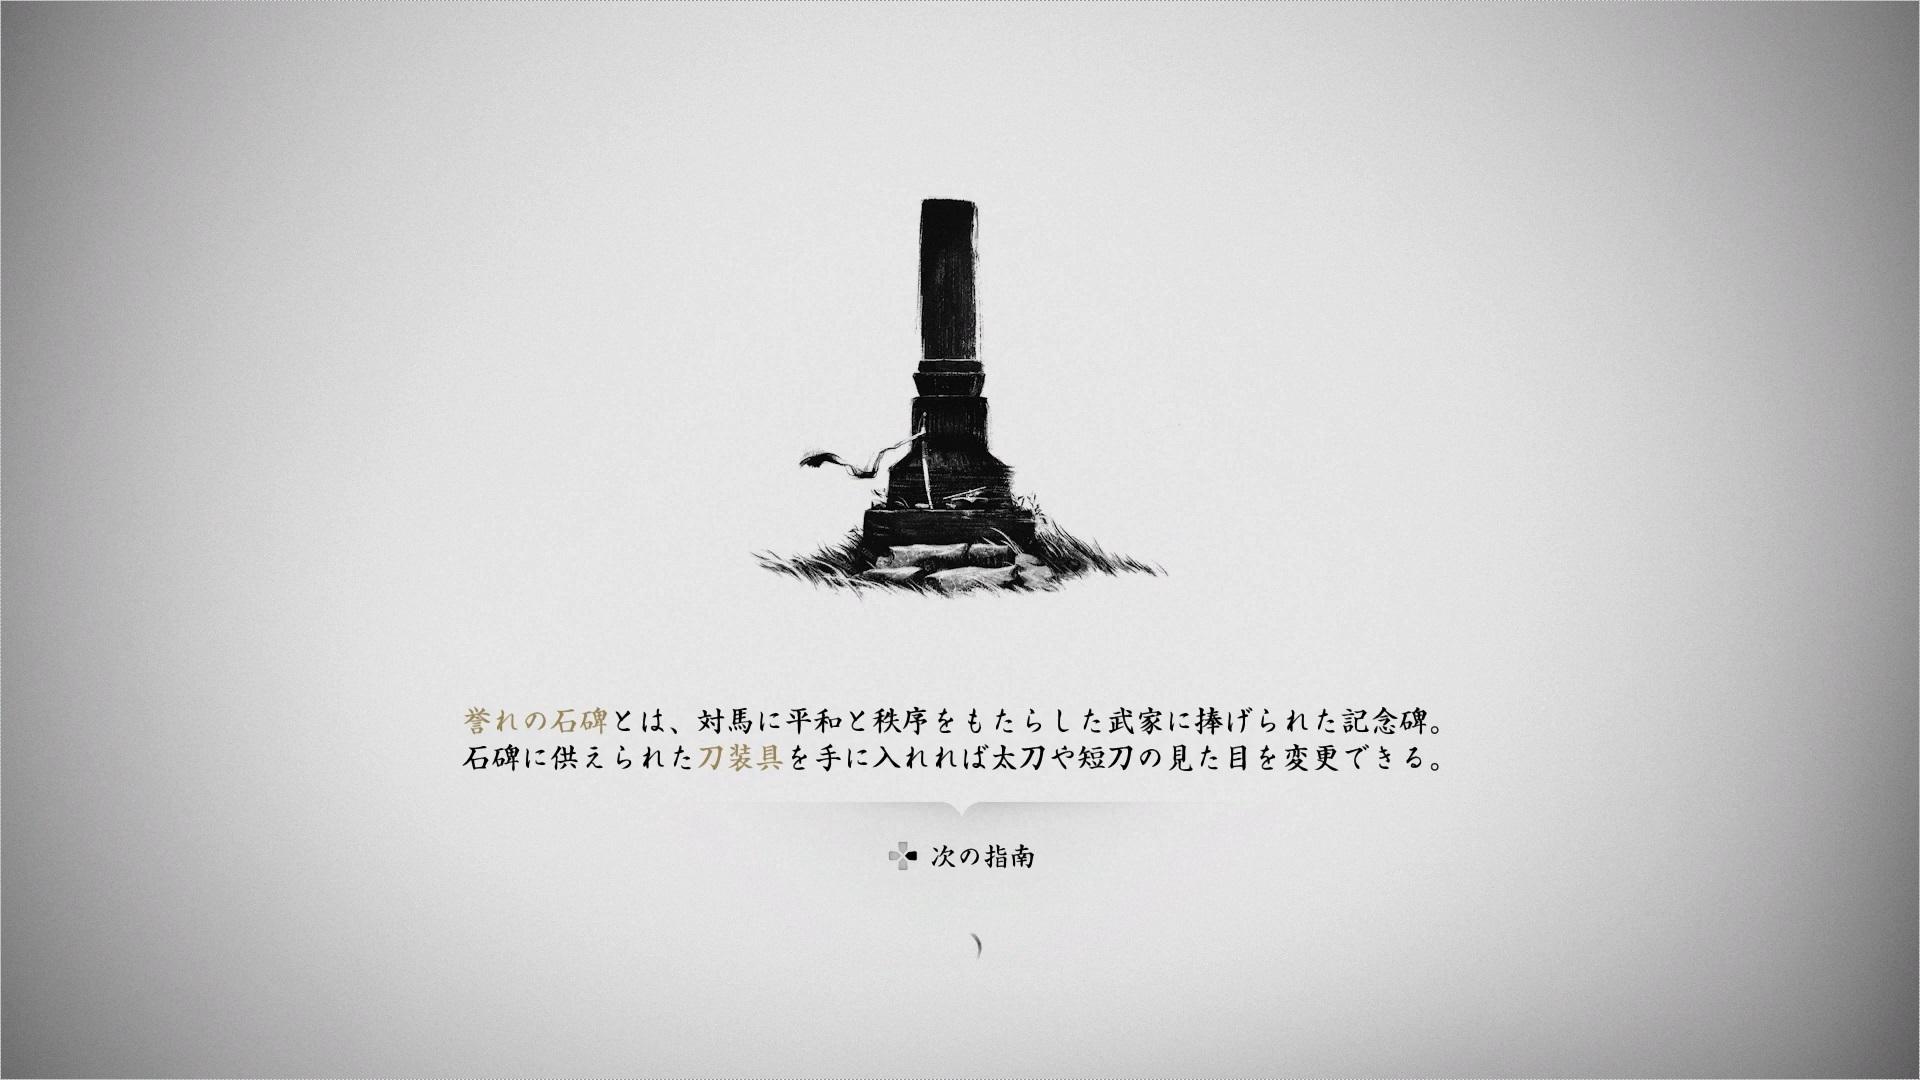 誉れの石碑とは、対馬に平和と秩序をもたらした武家にささげられた記念碑。石碑に供えられた刀装具を手に入れれば太刀や短刀の見た目を変更できる。